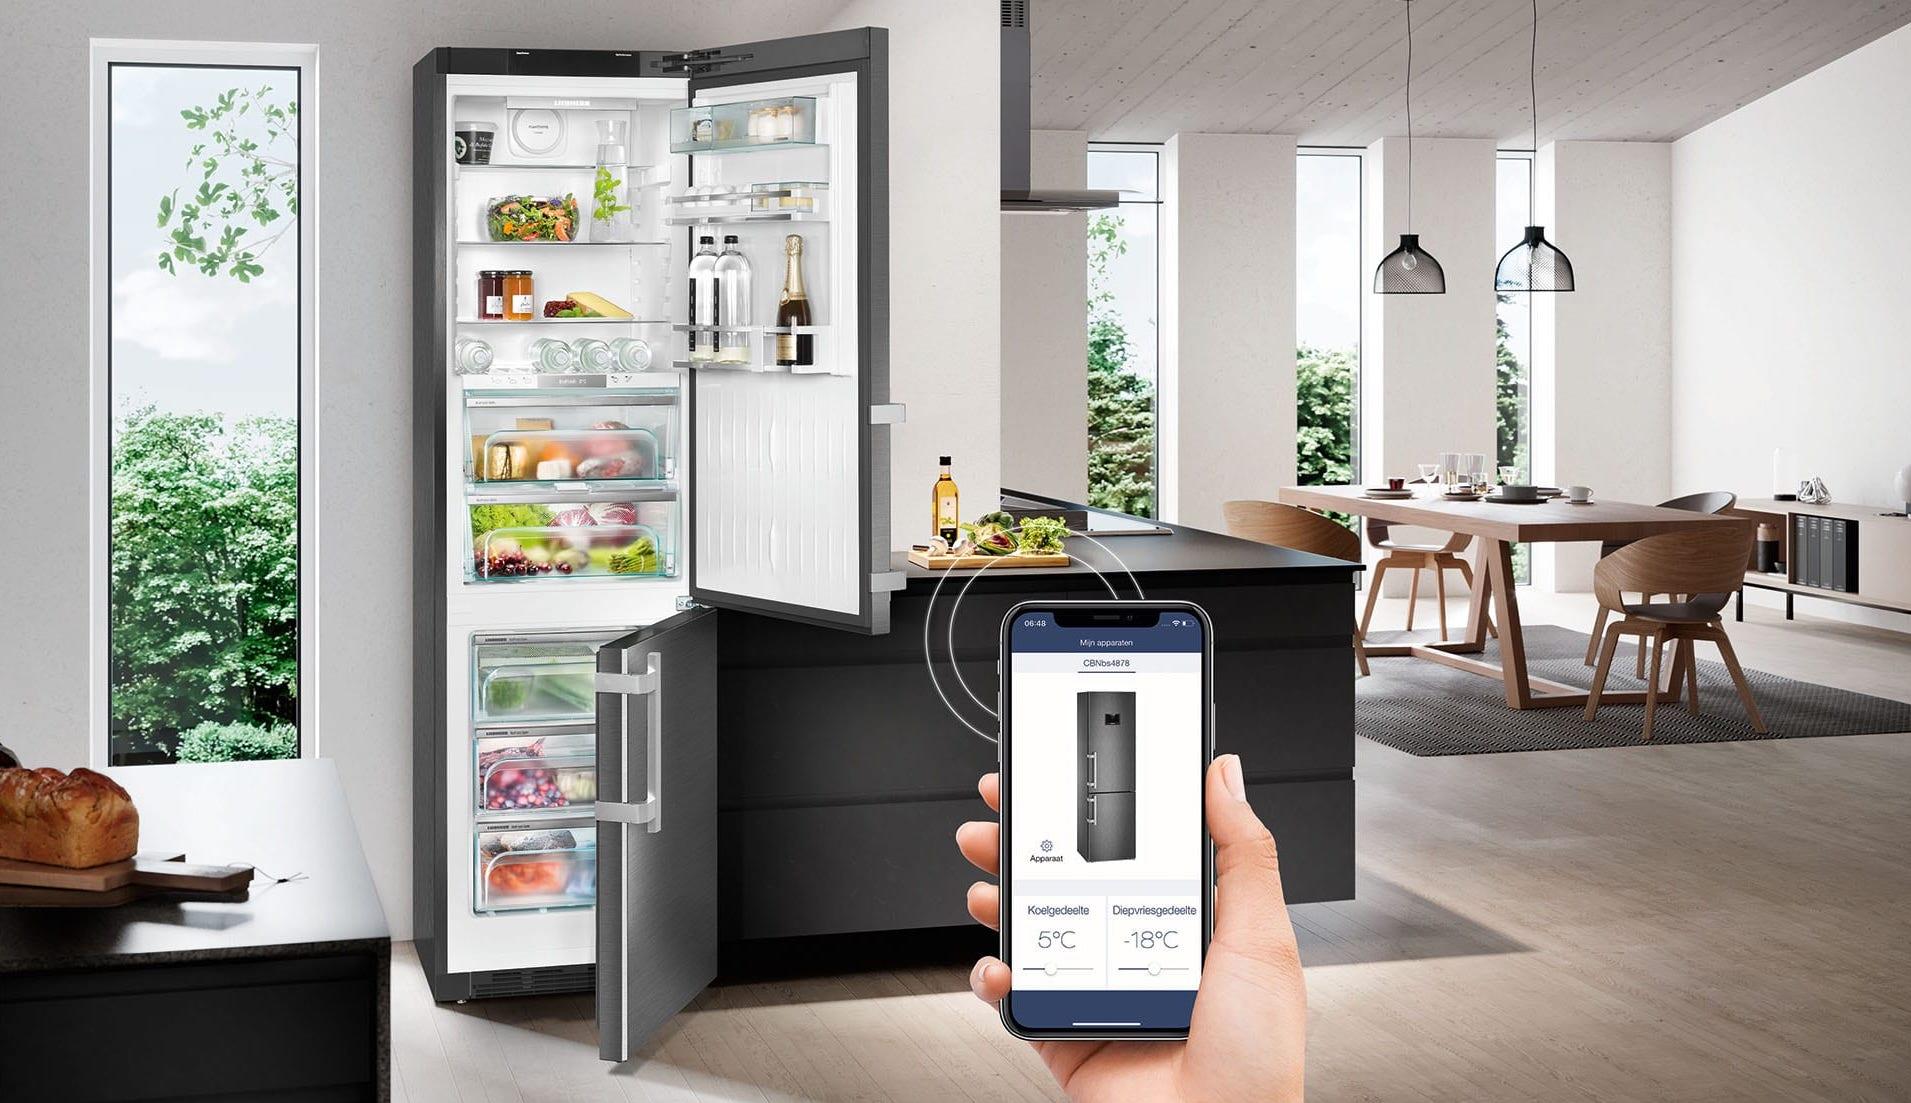 Alles over koelen. Koelkasten en vriezers en hun energielabels. Smart koelkasten en nofrost. #koelkast #koelen #vriezers #liebherr